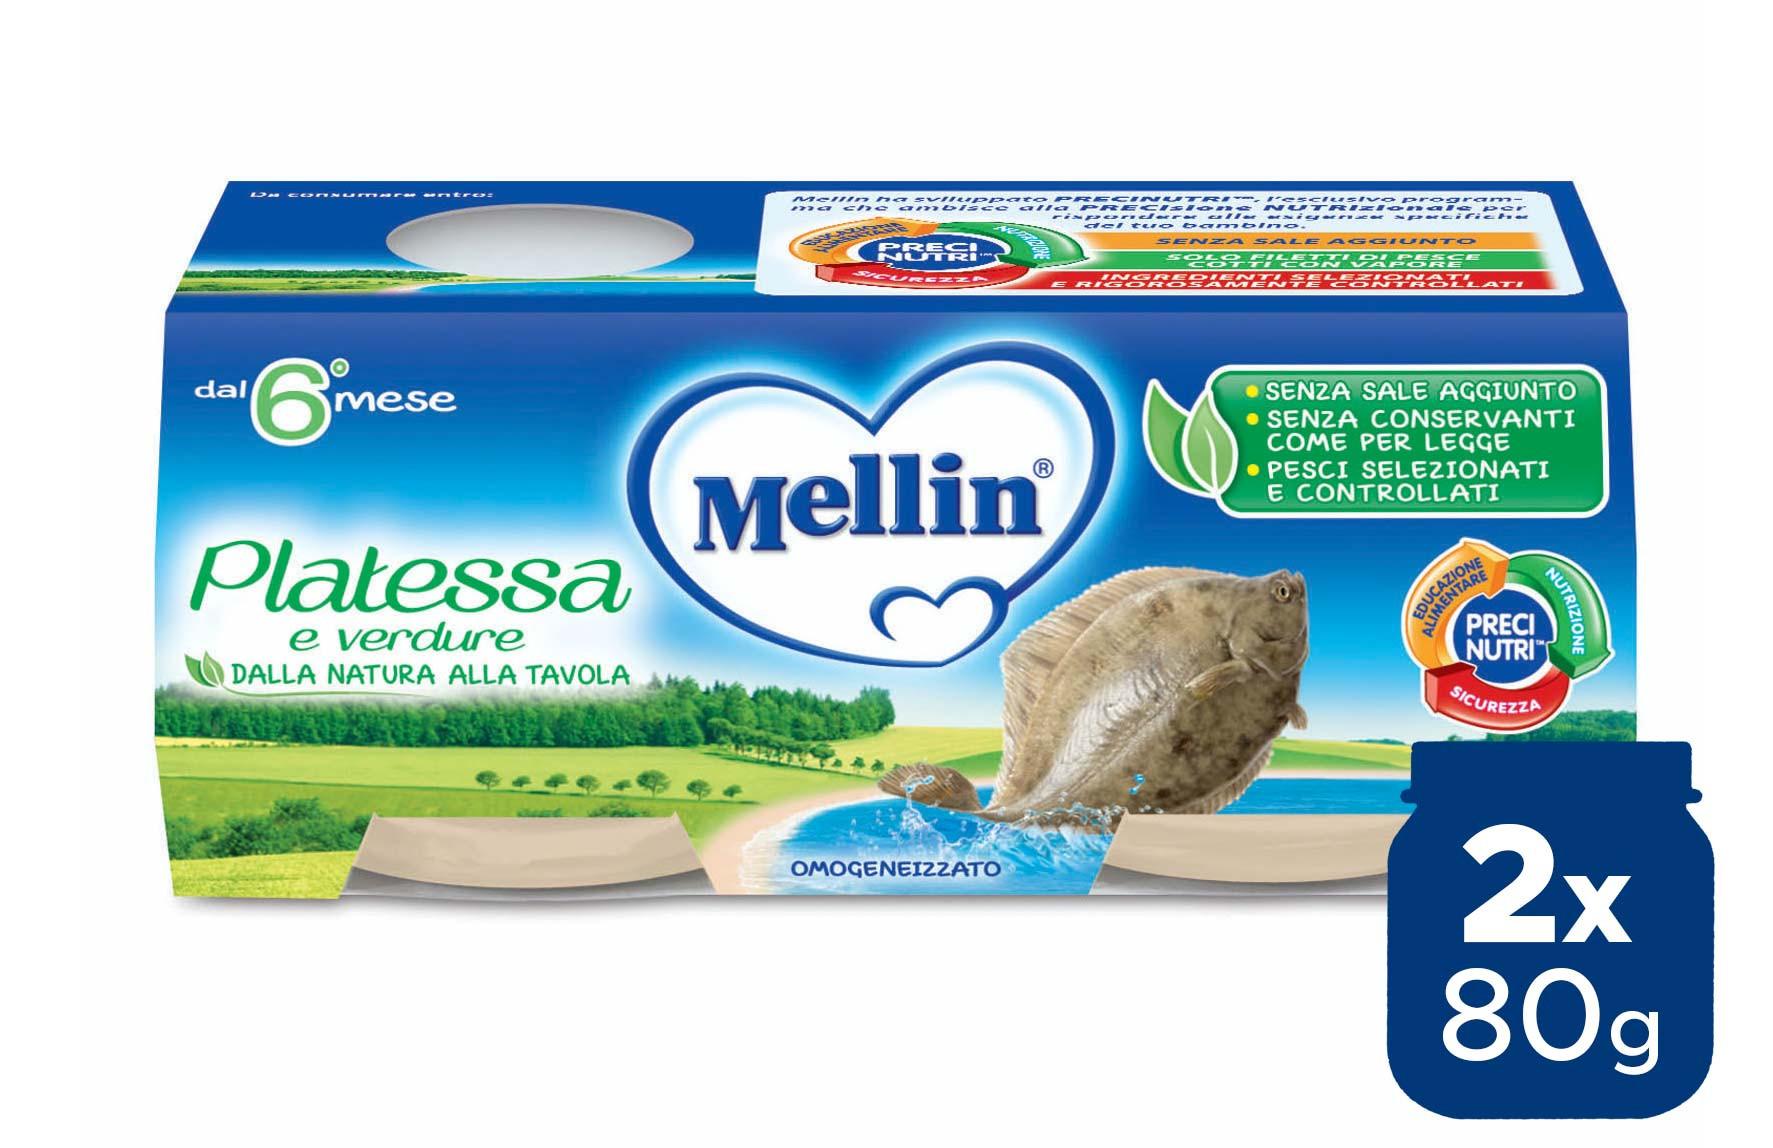 Omogeneizzato Platessa Mellin - 2 x 80 g